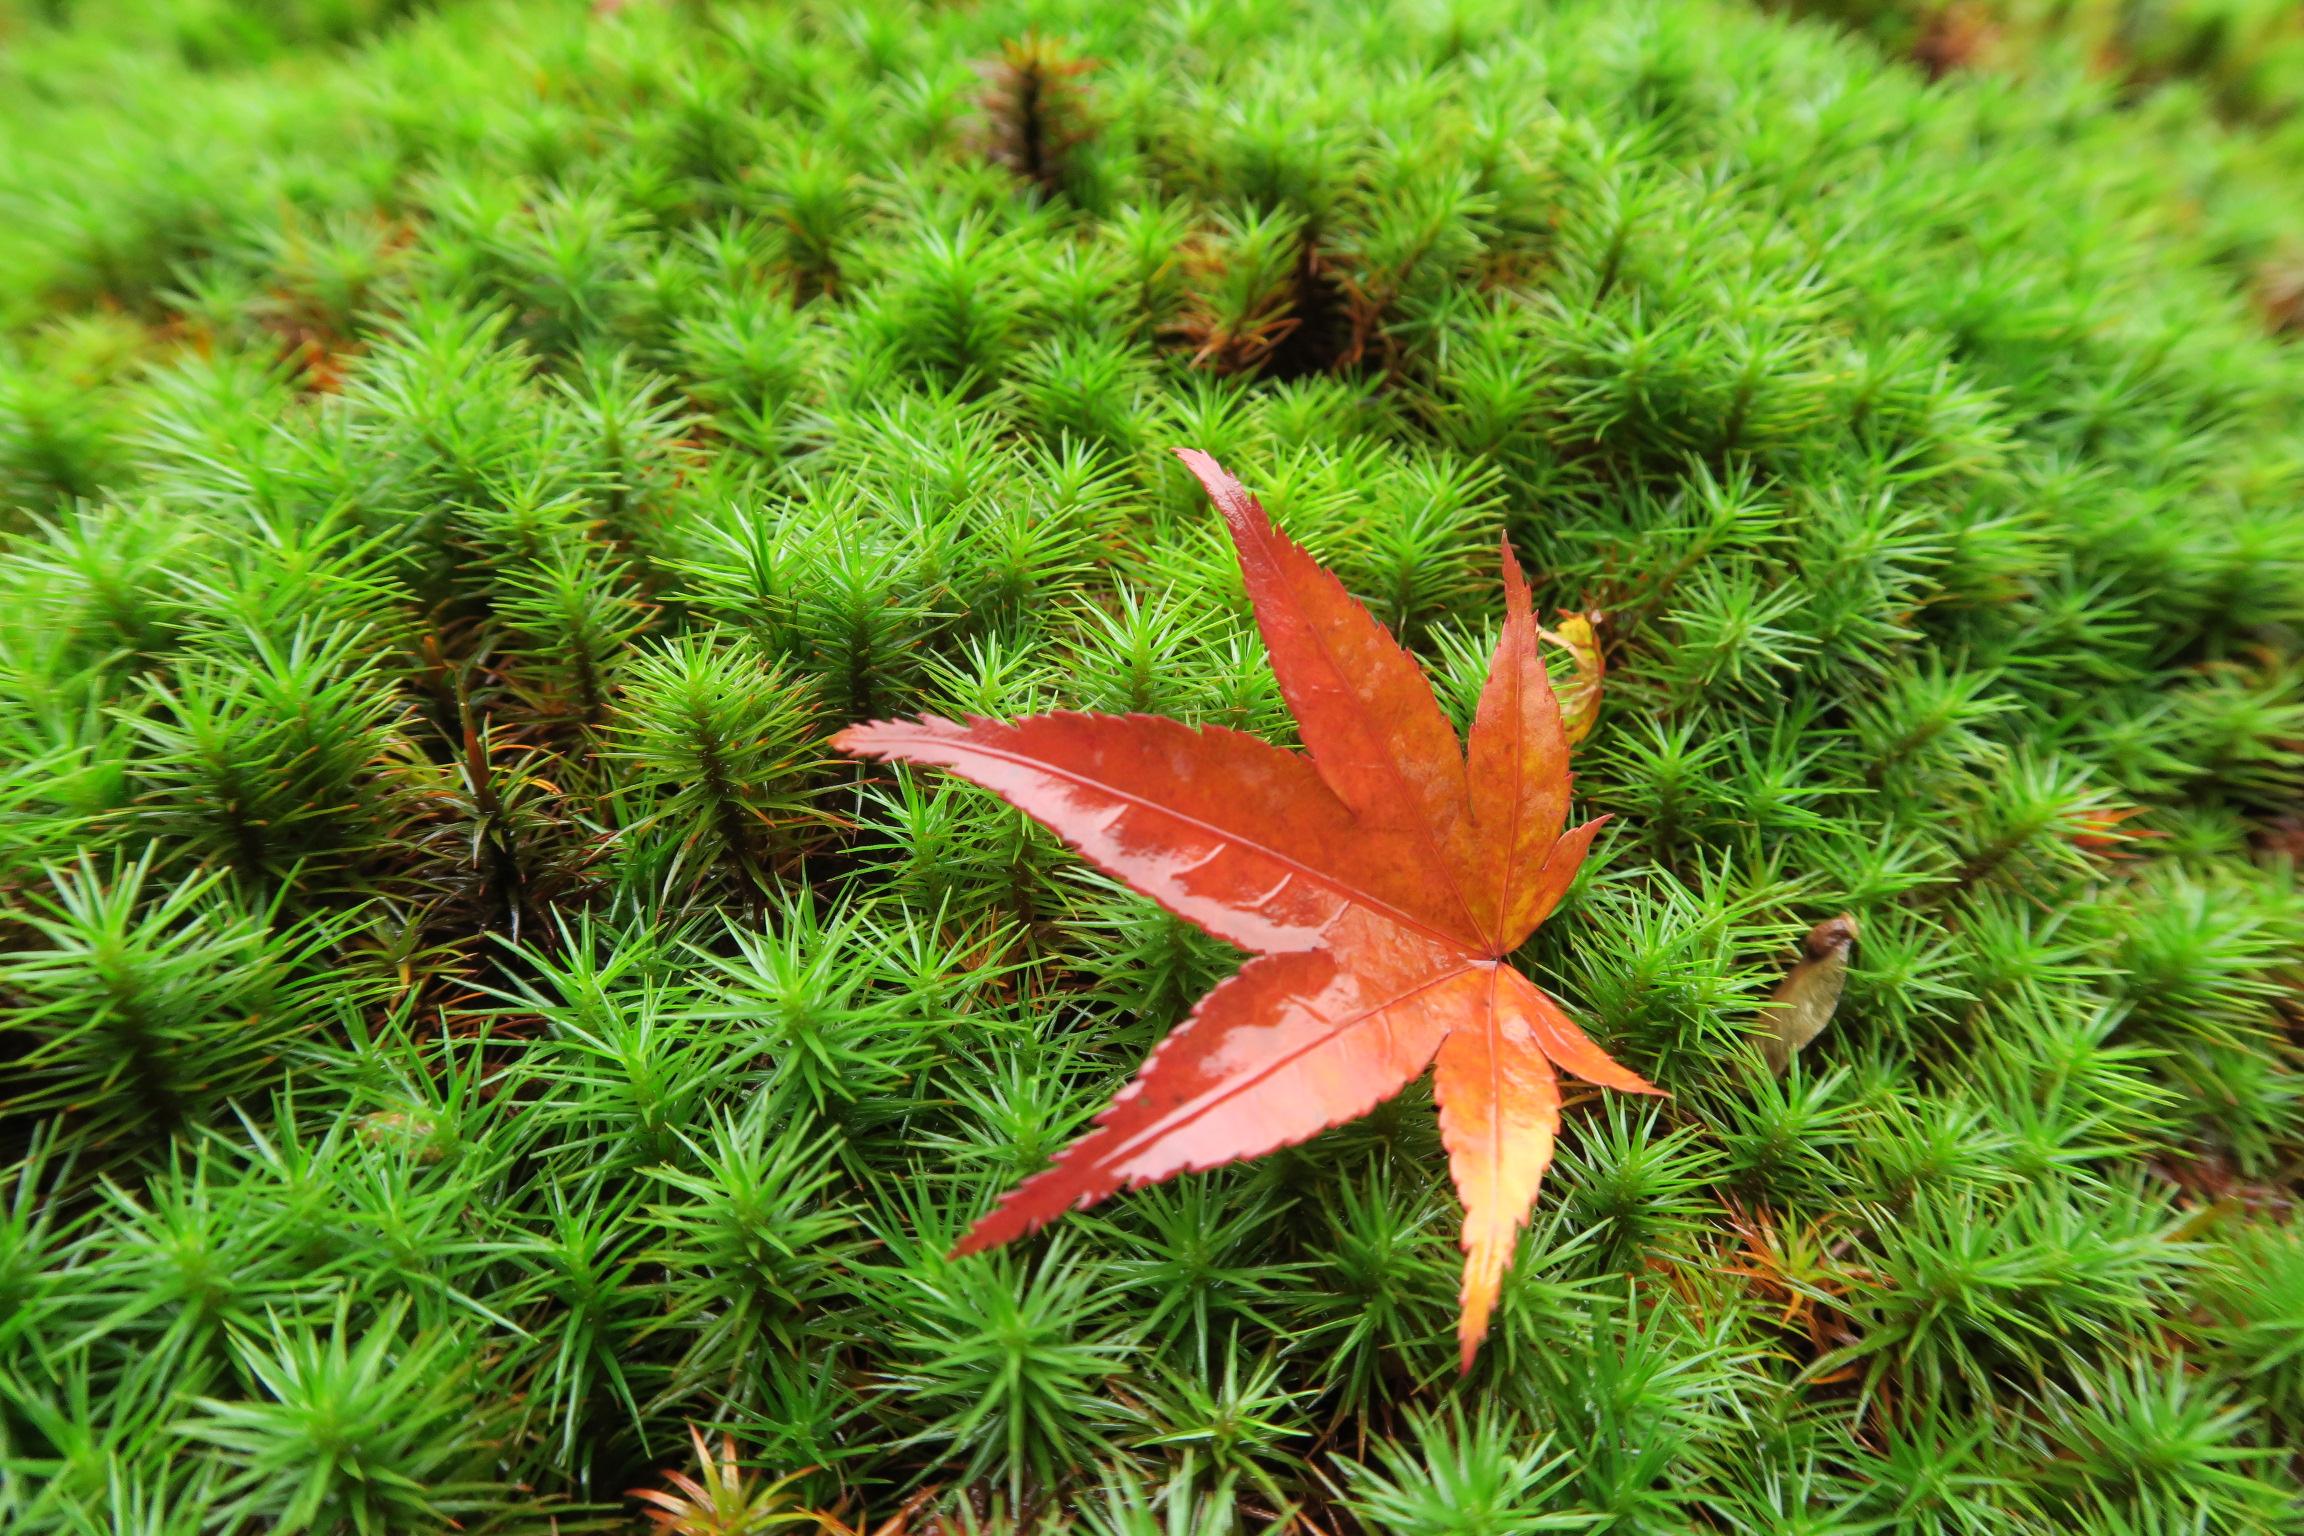 モミジの葉も雨にぬれ艶やかです。